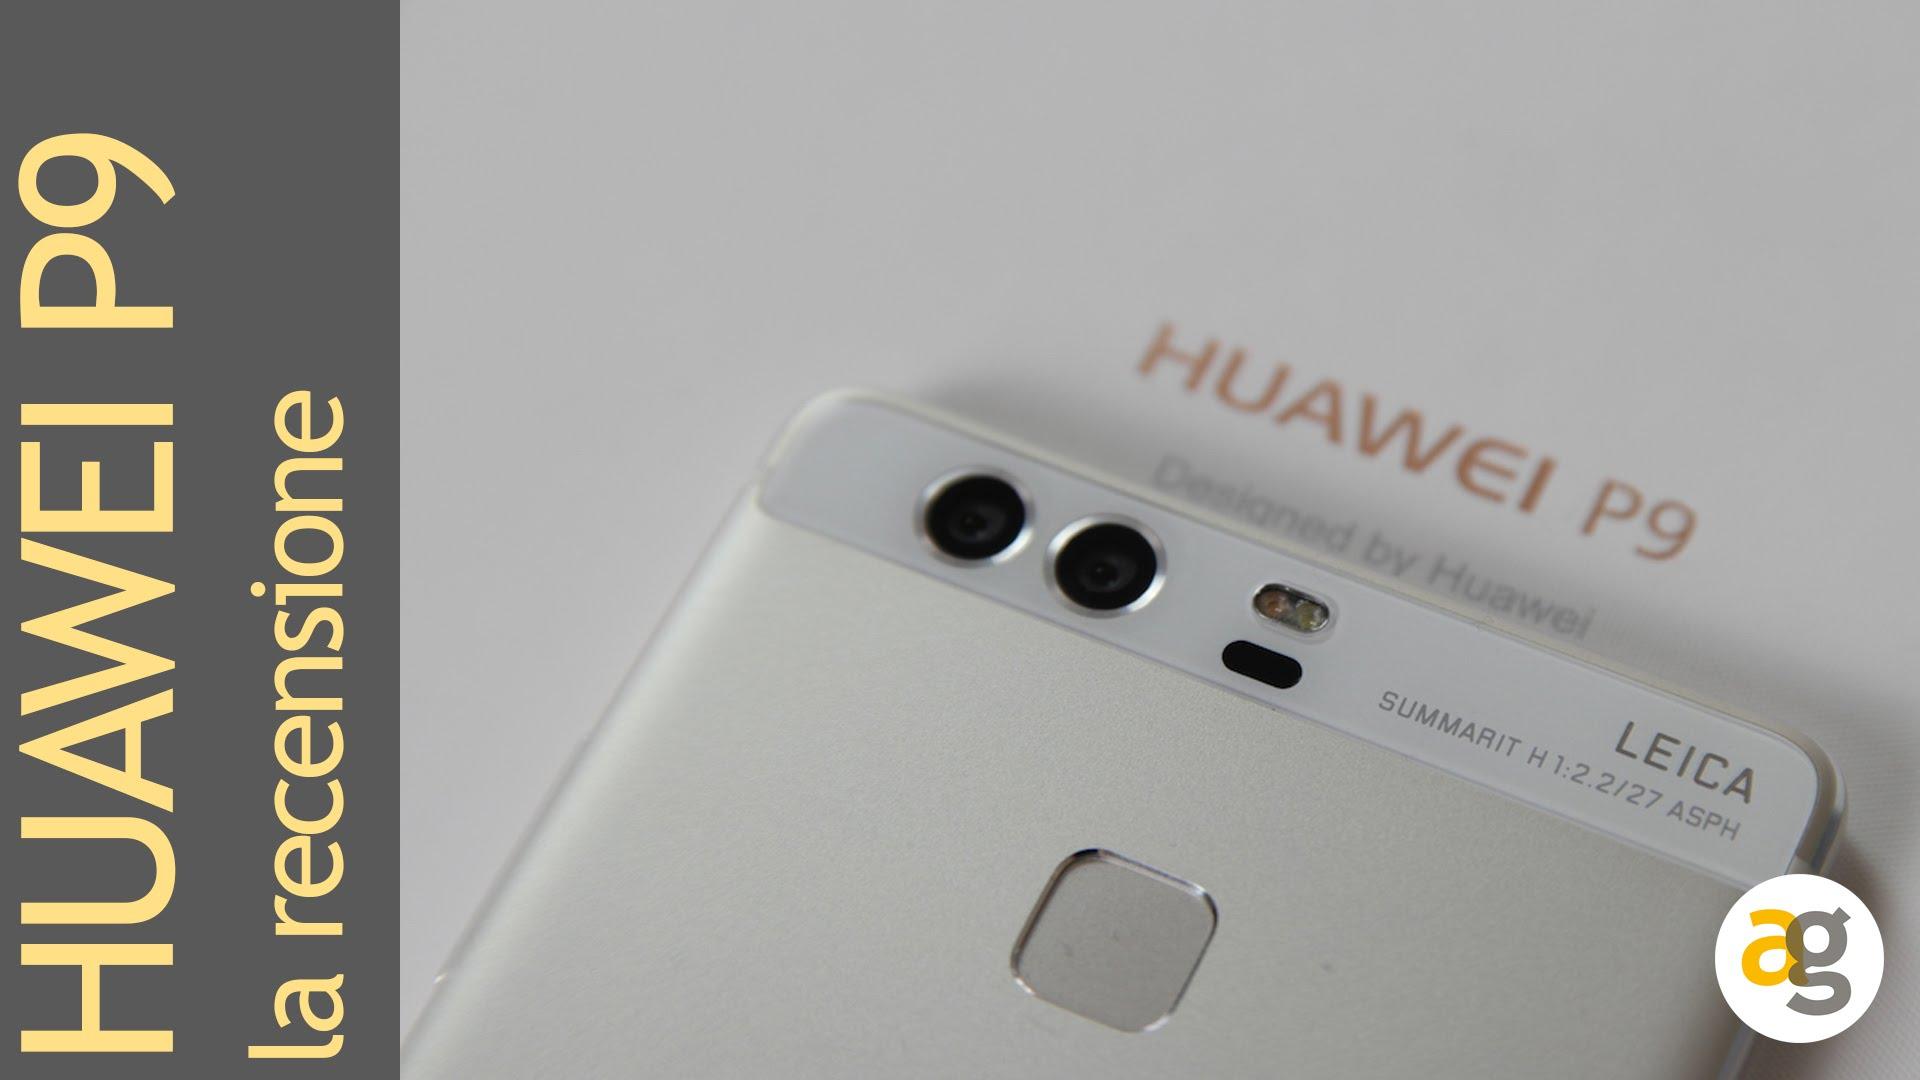 Huawei P9 La Recensione Andrea Galeazzi